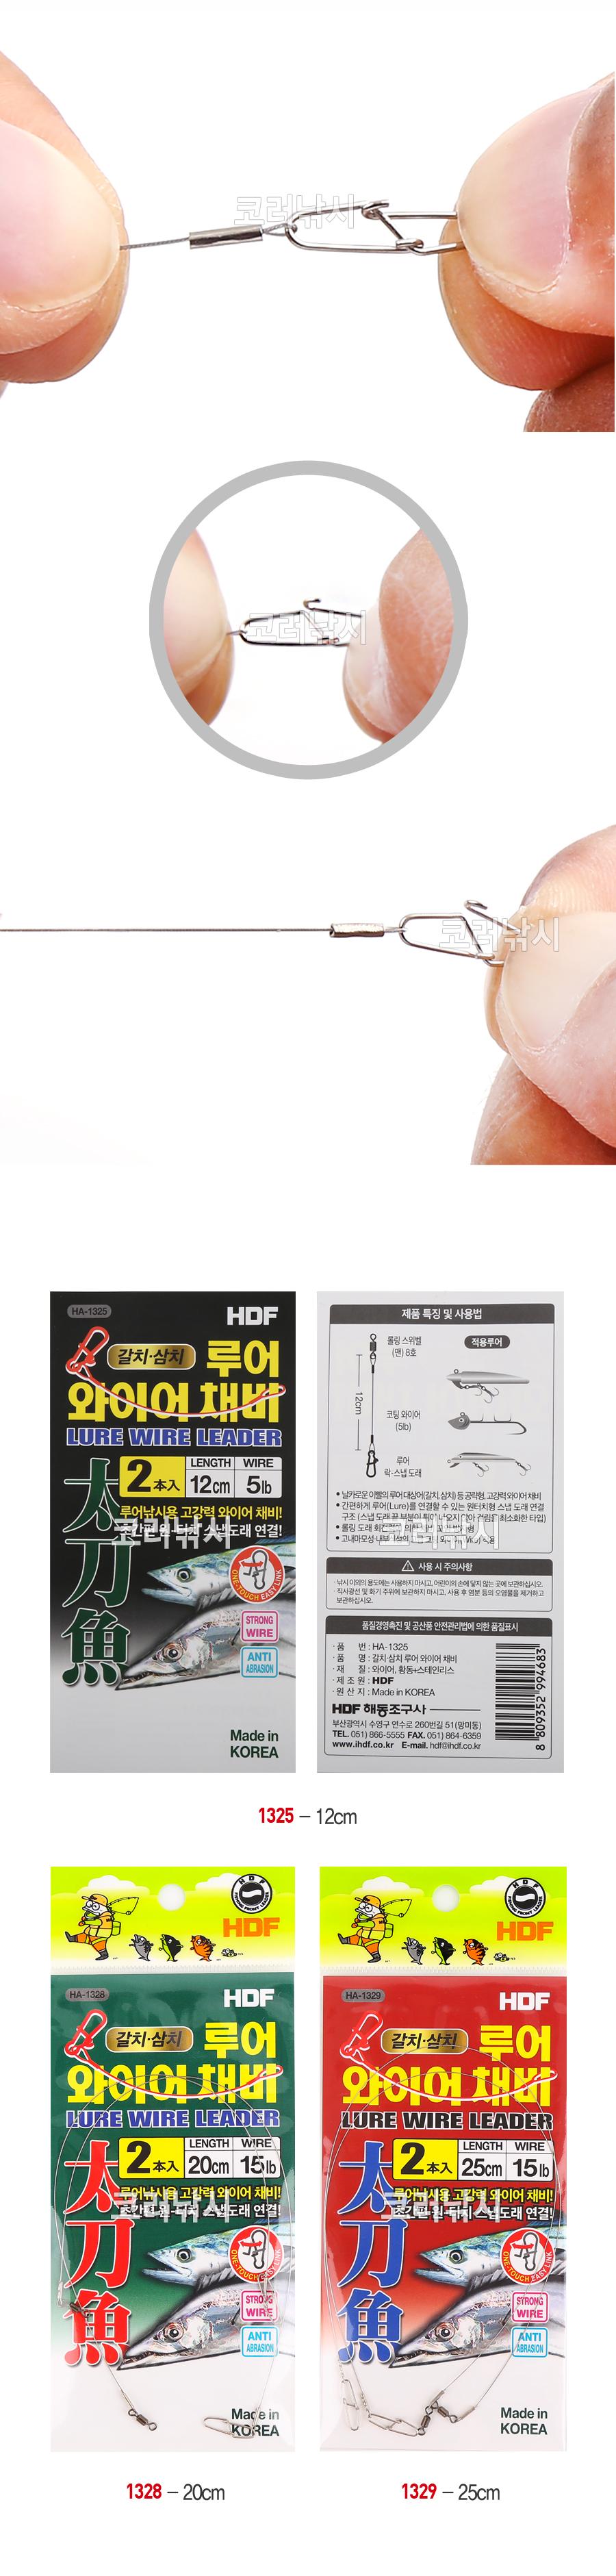 해동 갈치,삼치 루어와이어채비 HA-1325 갈치낚시 삼치낚시 삼치루어낚시 갈치루어낚시 와이어채비